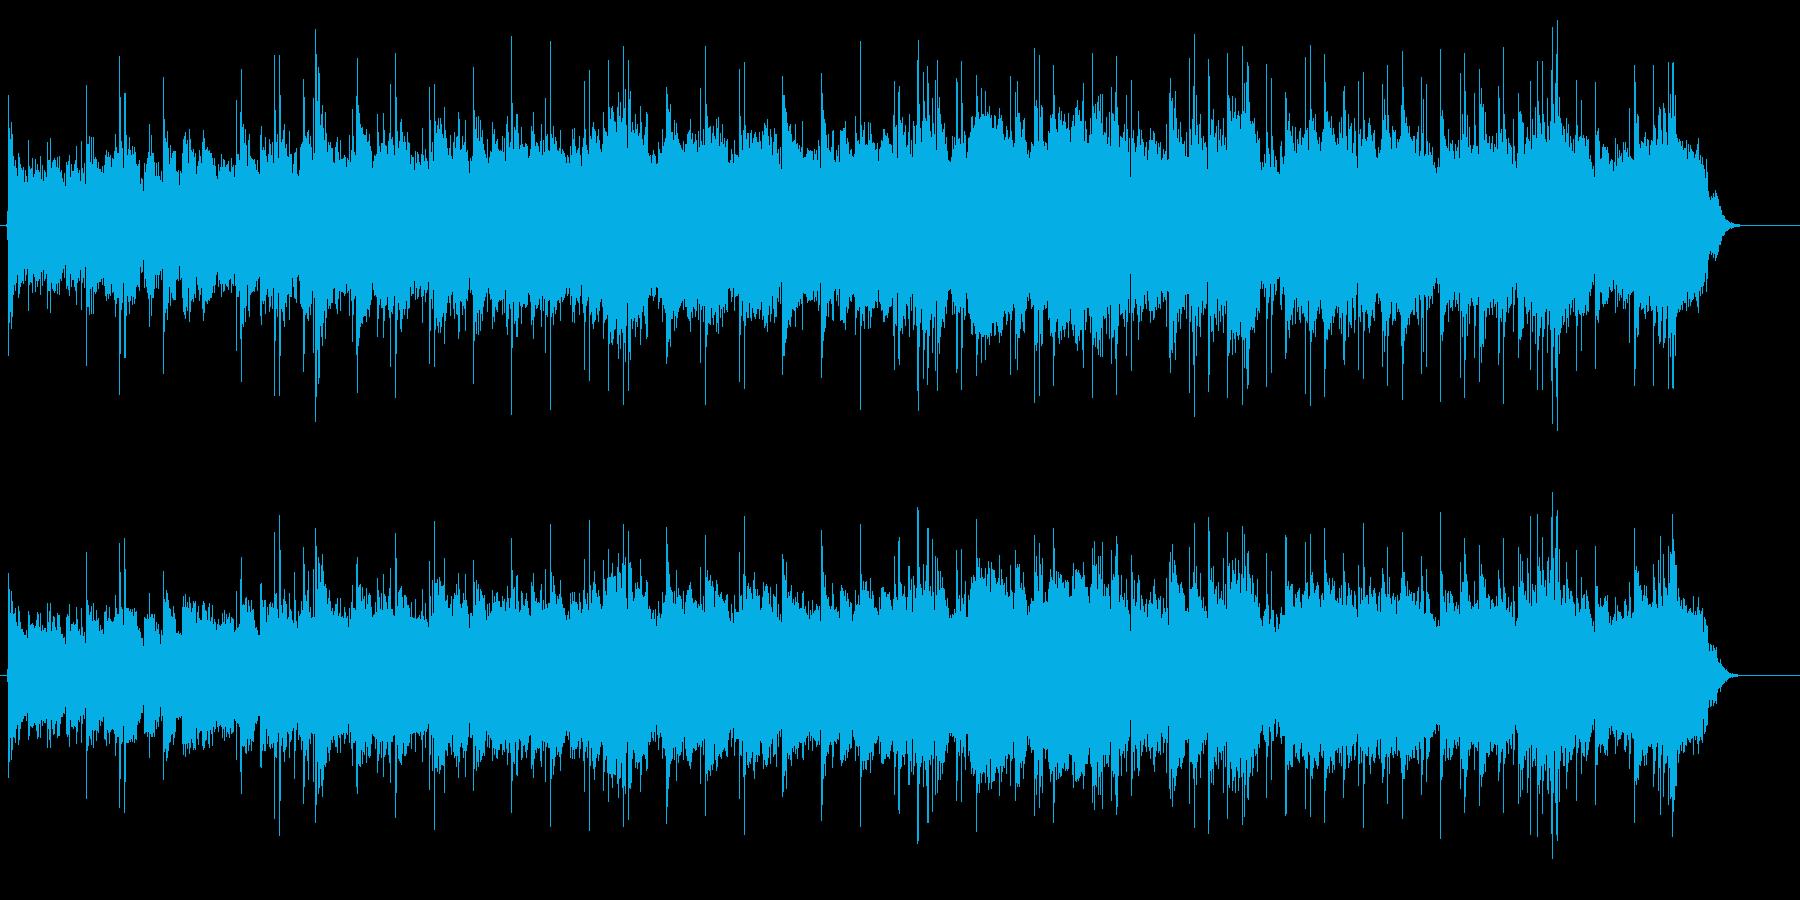 郷愁溢れるギターインストのロッカバラードの再生済みの波形